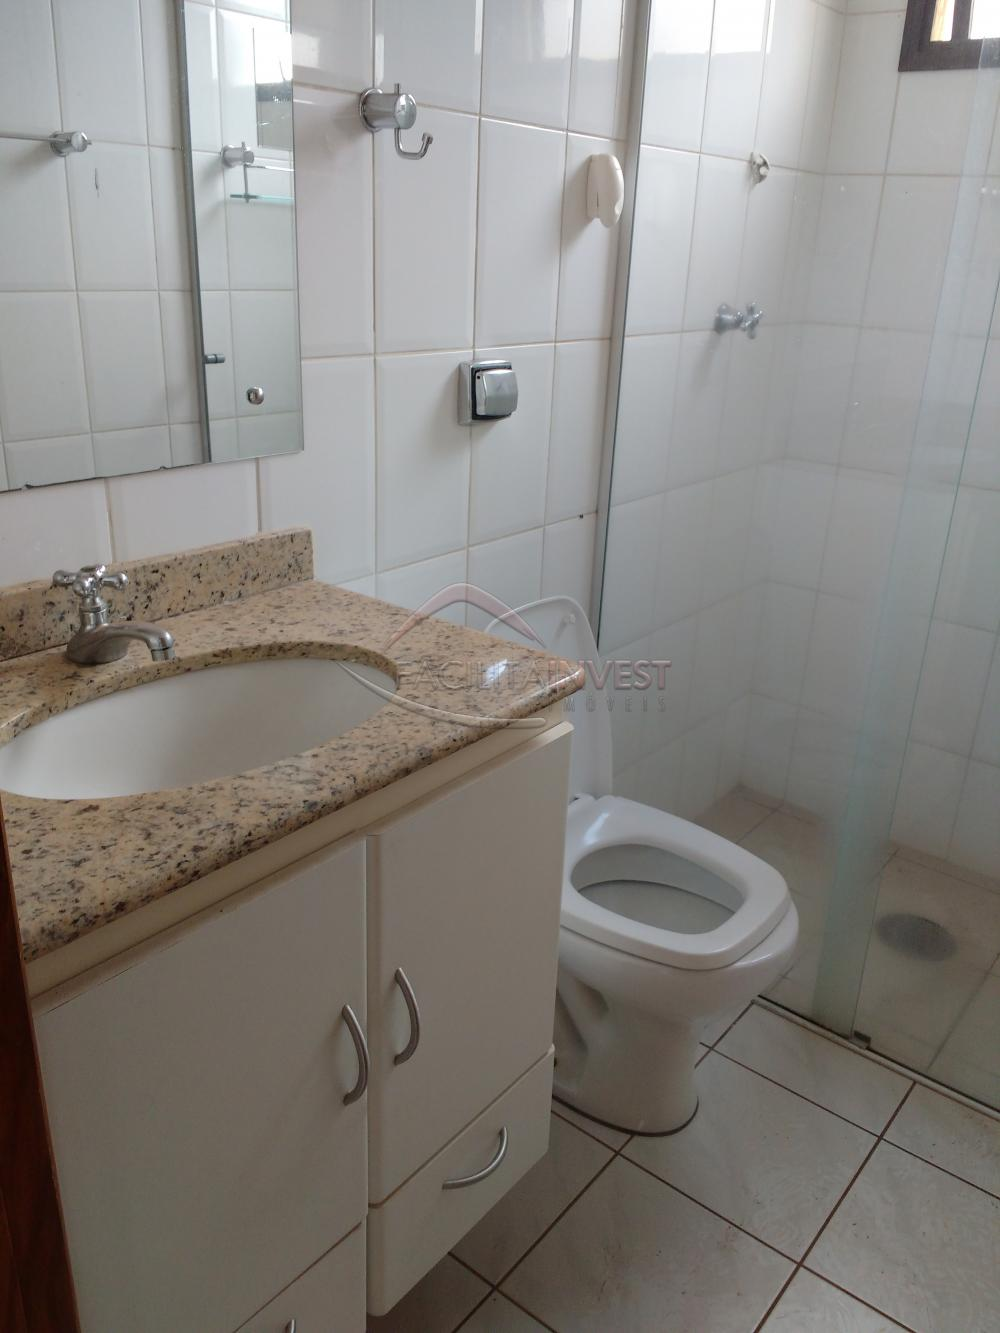 Alugar Apartamentos / Apart. Padrão em Ribeirão Preto apenas R$ 800,00 - Foto 3